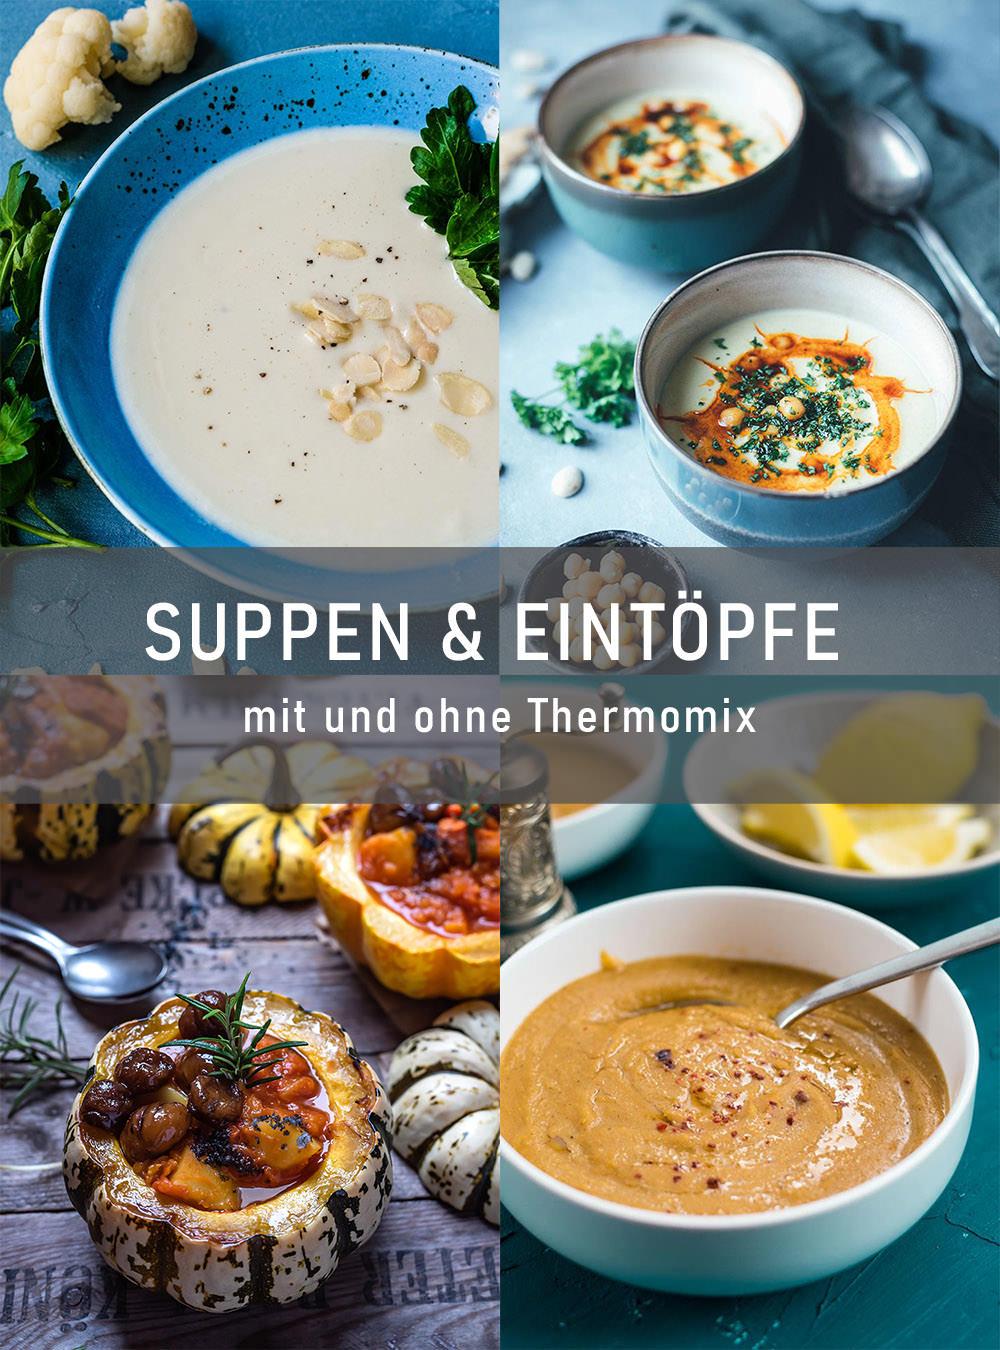 Rezept für cremige Kichererbsen-Suppe mit Mandeln und Paprika-Öl | Hummus-Suppe – vegan und glutenfrei | Rezept mit und ohne Thermomix | moeyskitchen.com #suppe #kichererbsensuppe #hummussuppe #kichererbsen #hummus #thermomix #thermomixrezepte #tm6 #tm5 #tm31 #rezepte #foodblogger #vegan